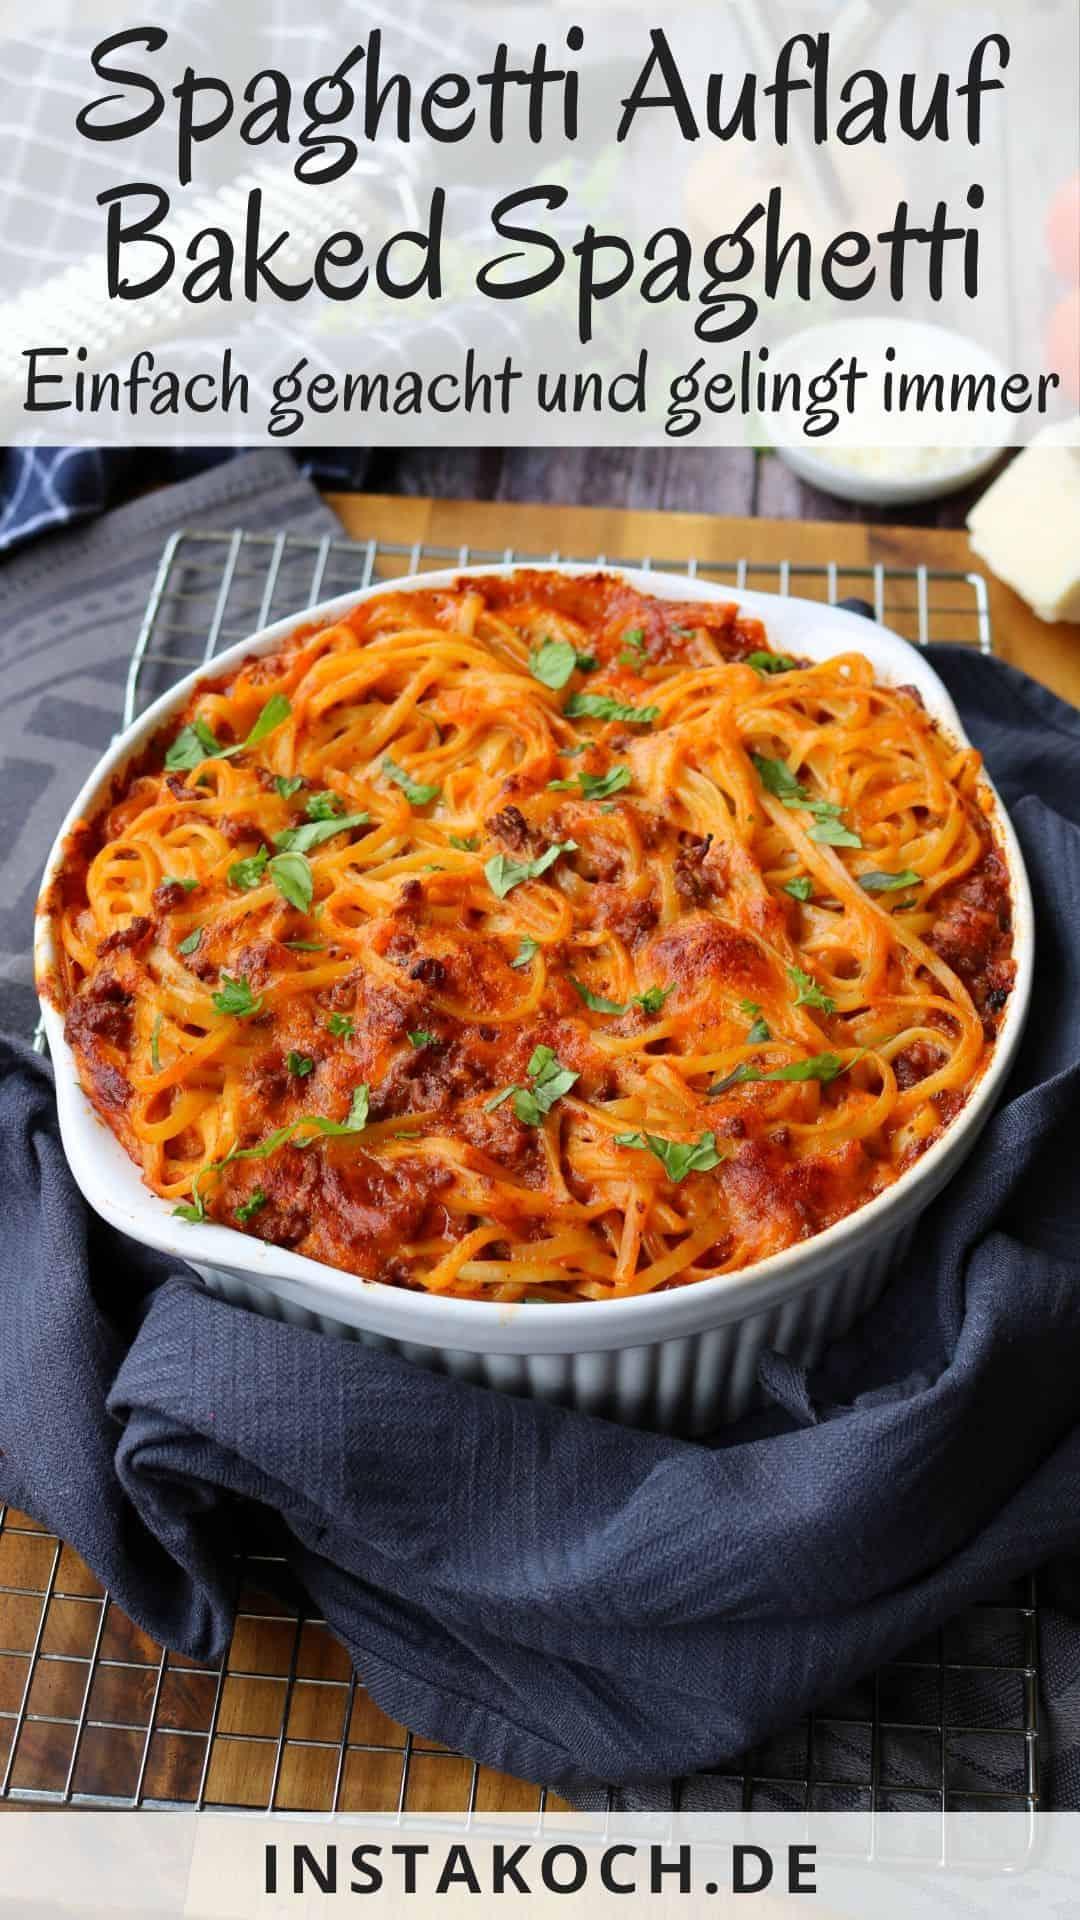 Eine Auflaufform mit baked Spaghetti einem Spaghetti Auflauf. Aussenrum Deko.